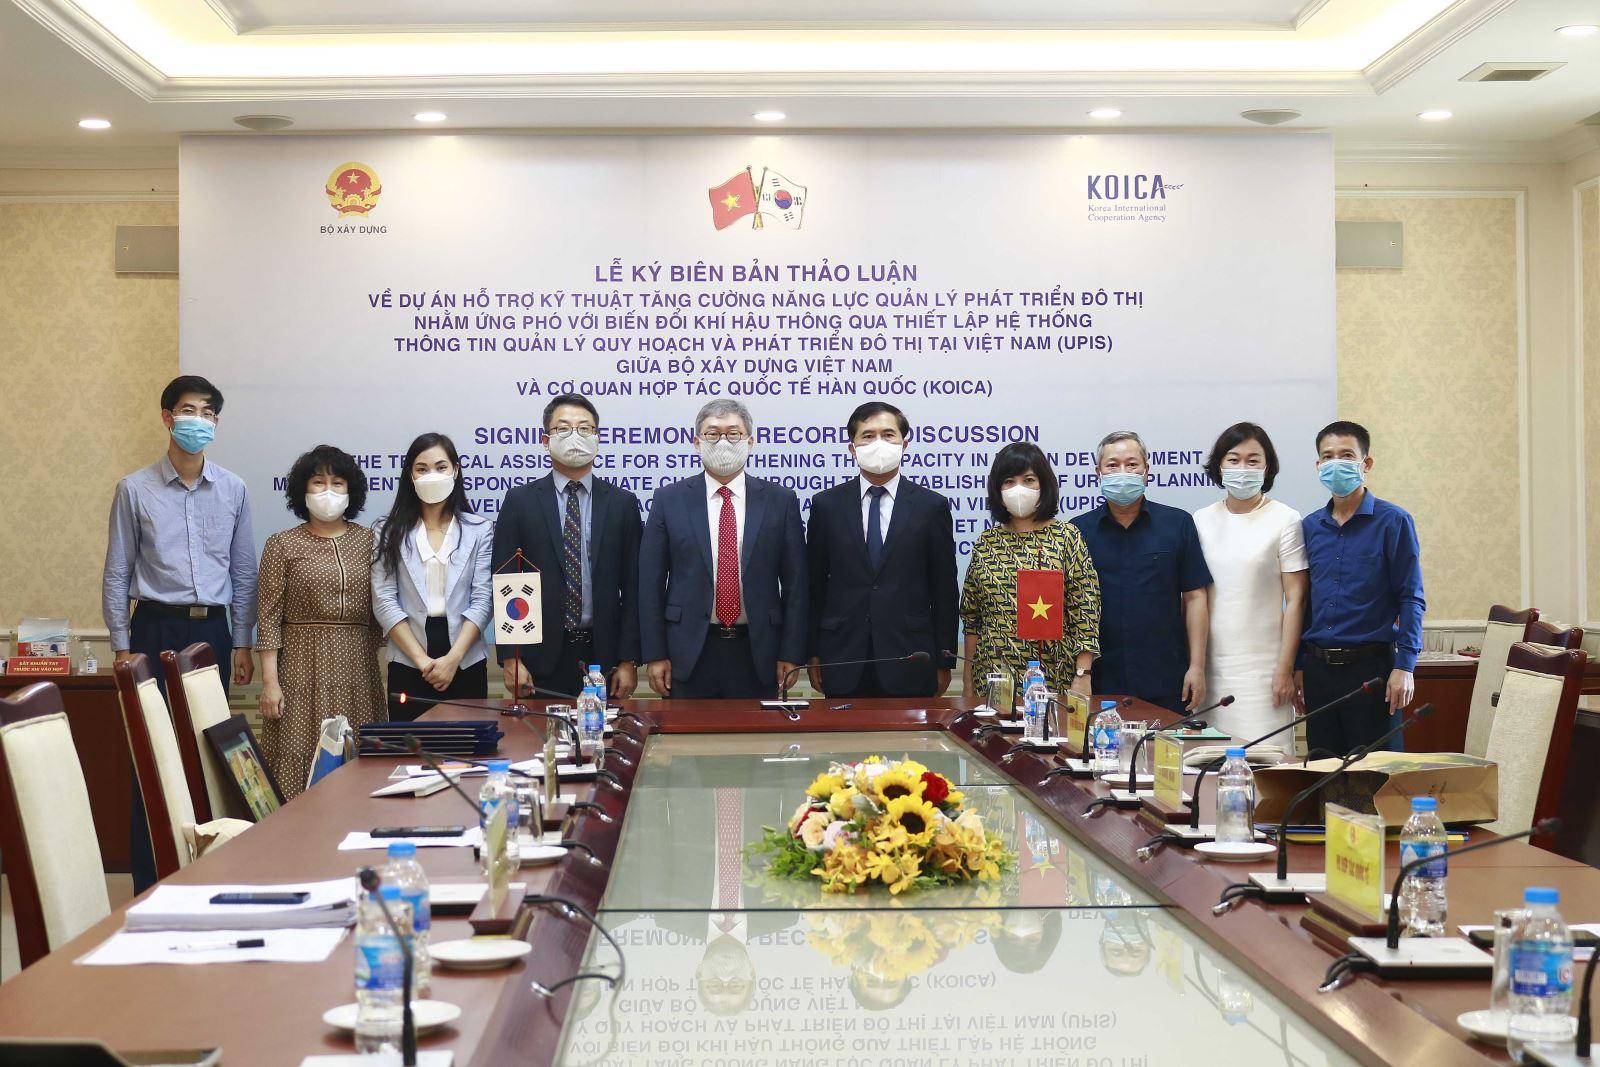 Thứ trưởng Lê Quang Hùng và Giám đốc Cho Han-Deog cùng cán bộ, chuyên gia 2 bên chụp ảnh lưu niệm tại lễ ký kết